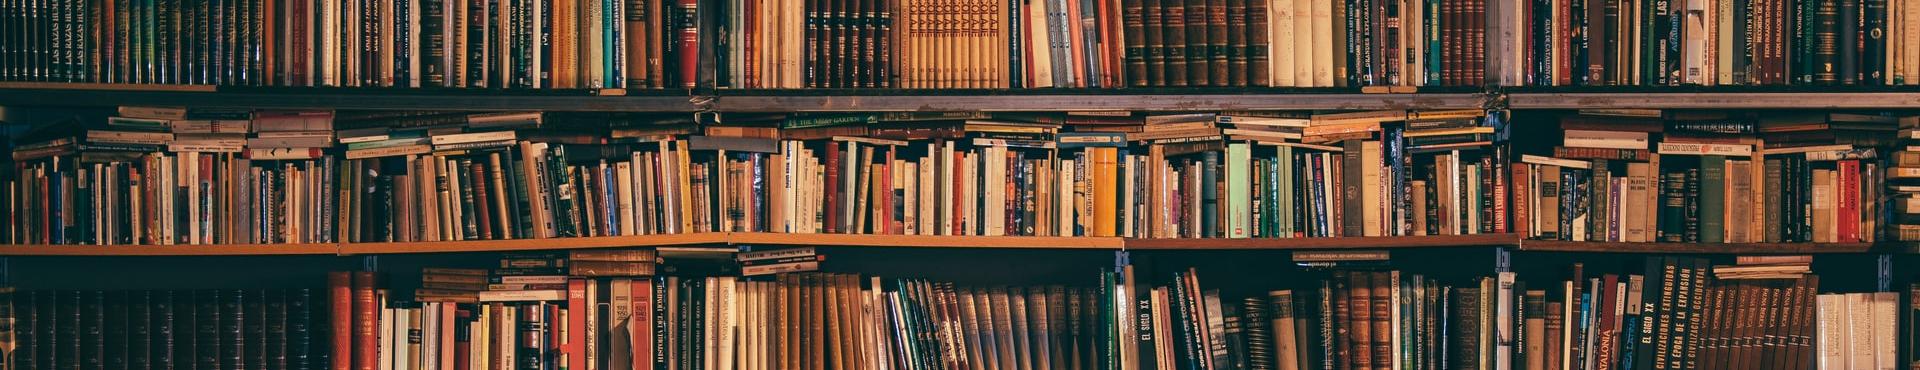 treat books for bedbugs